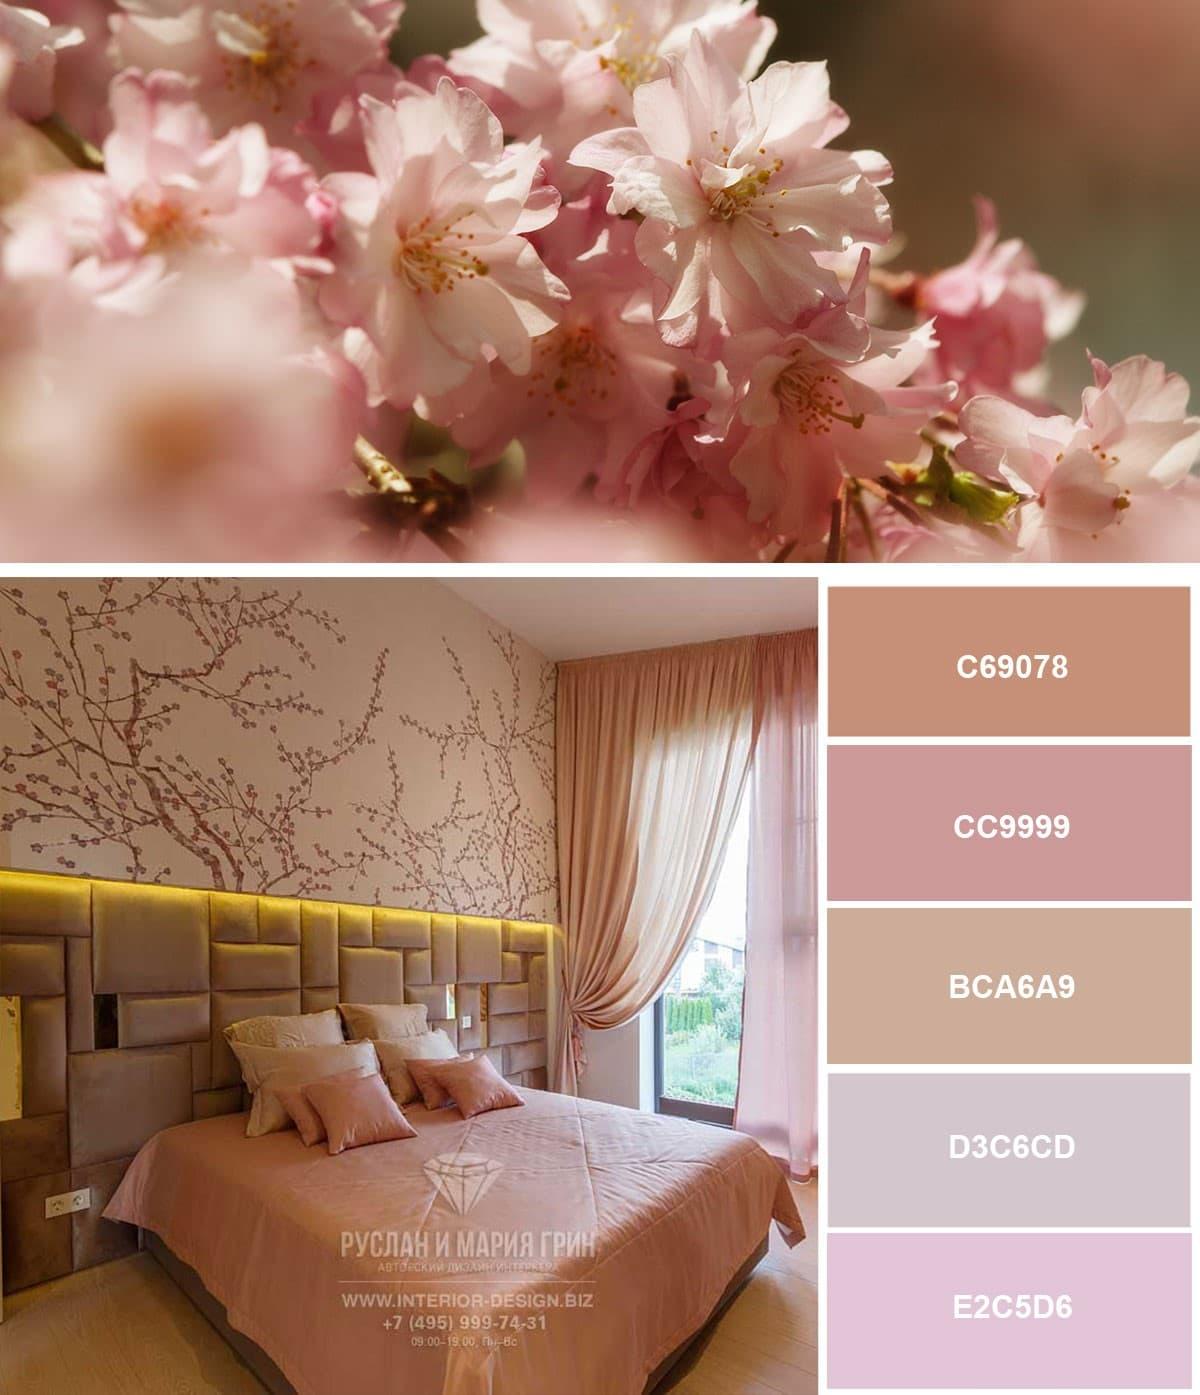 Интерьер современной спальни в розовых тонах